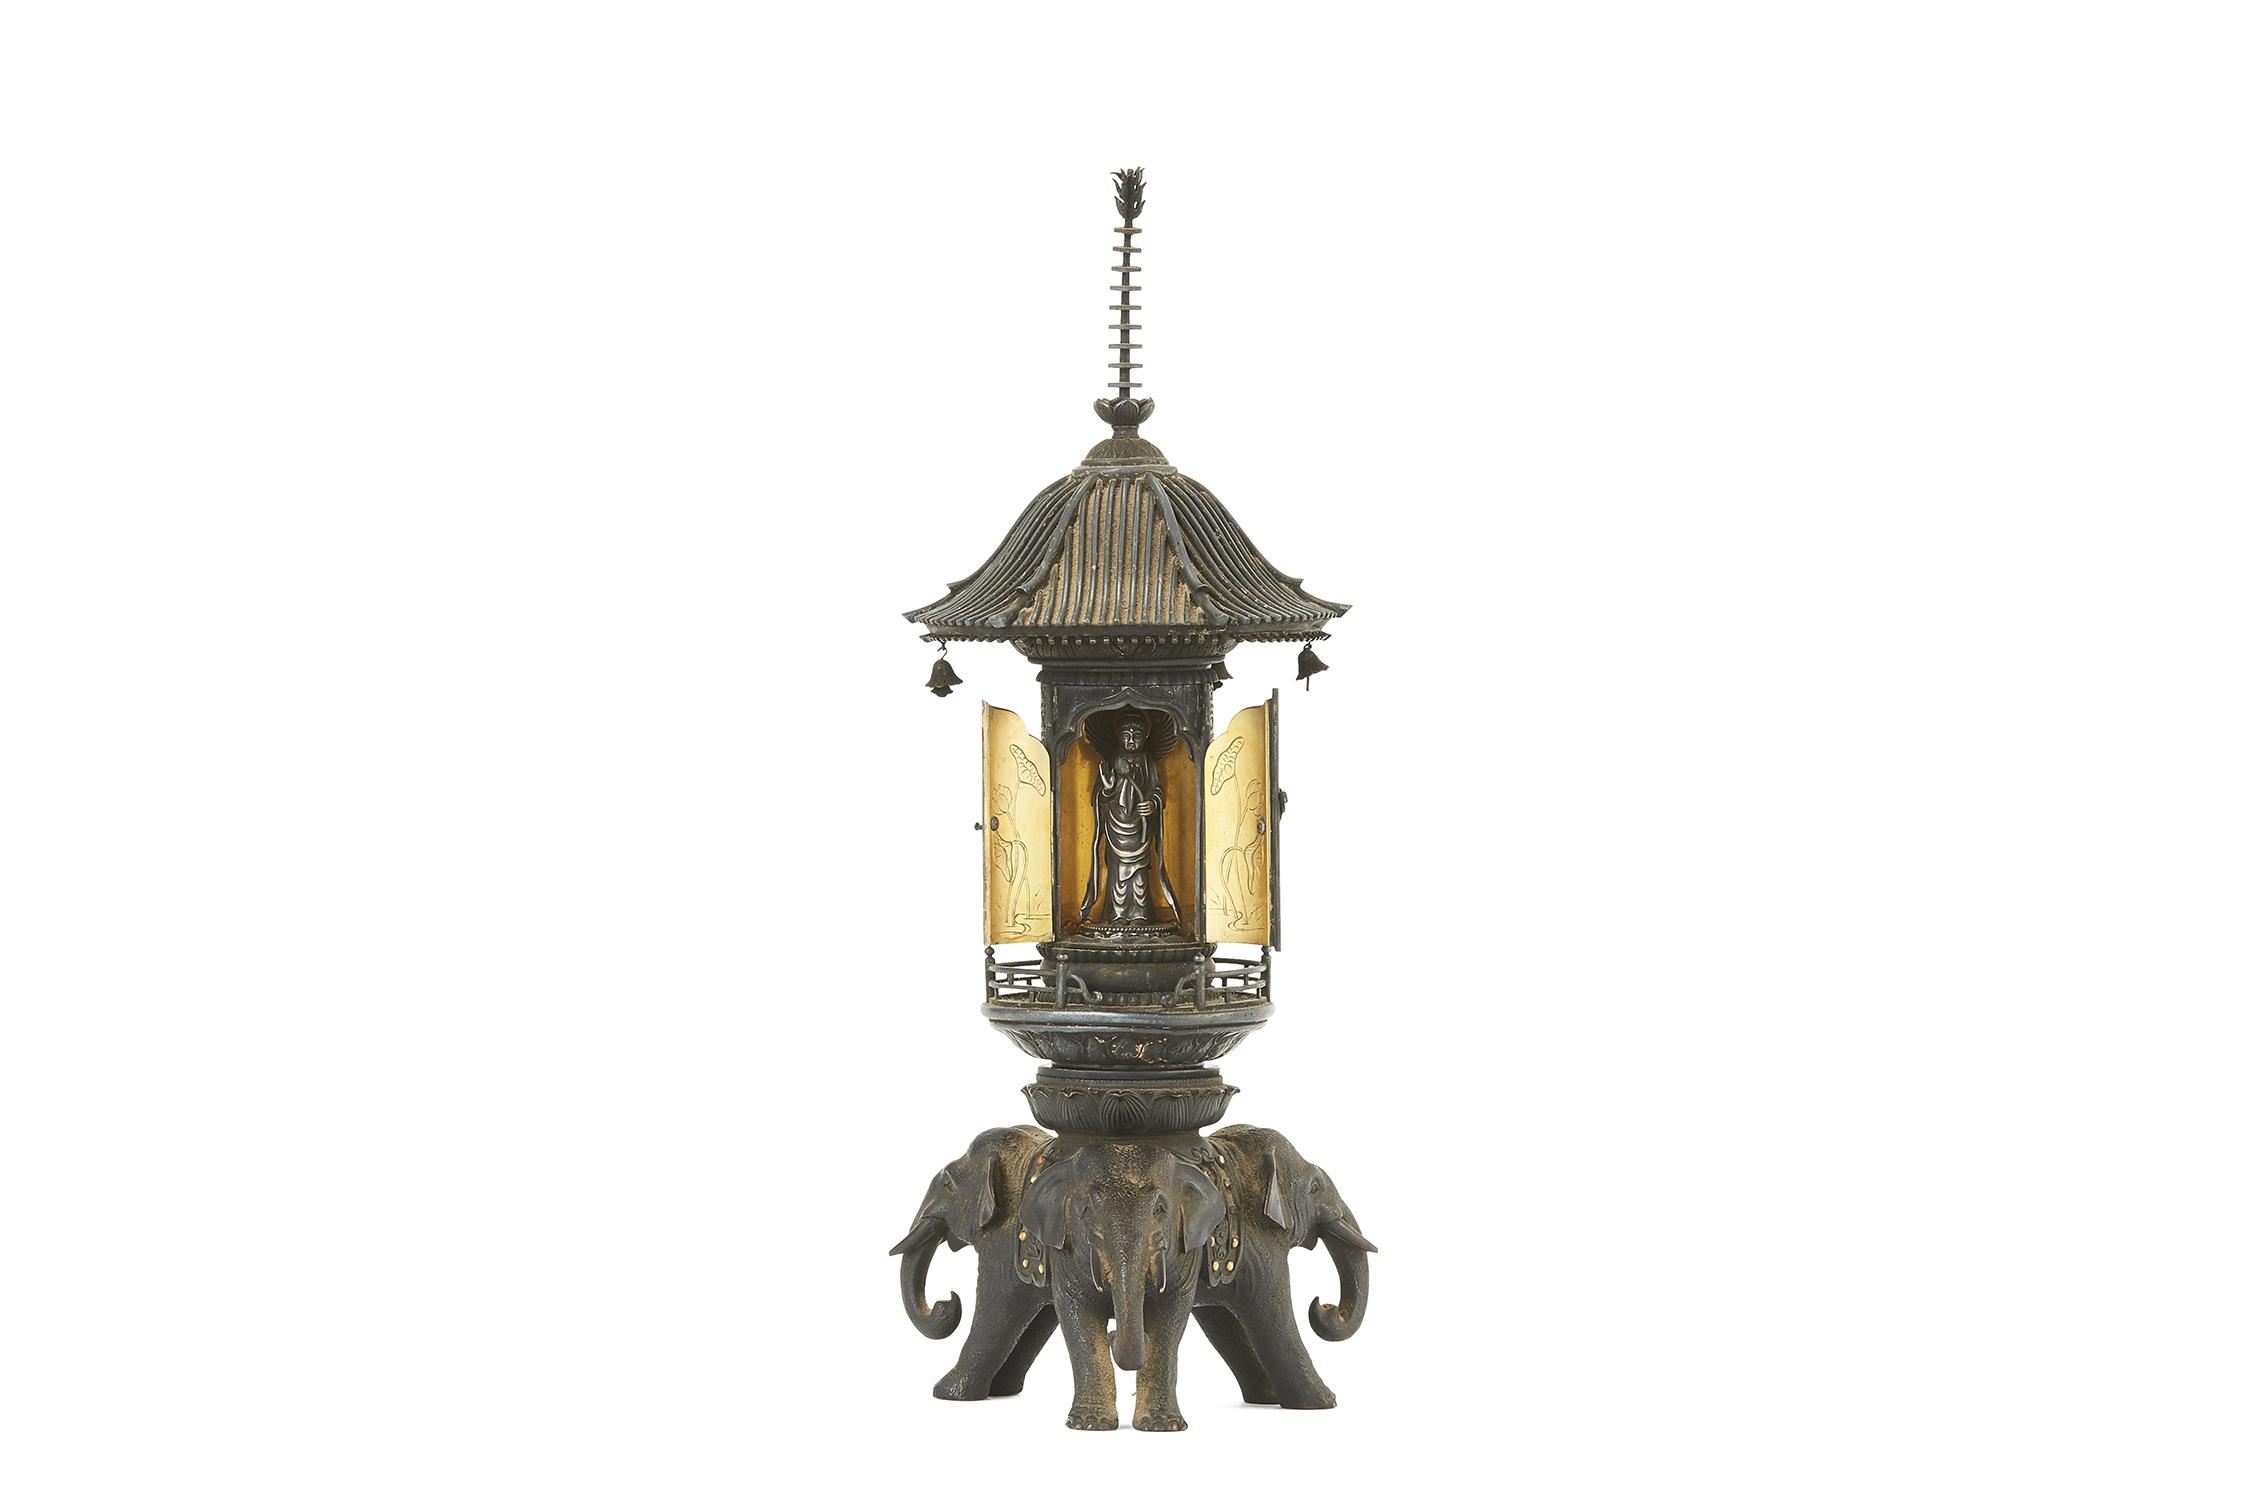 170829「正之」「美之」造 銀製 普賢菩薩